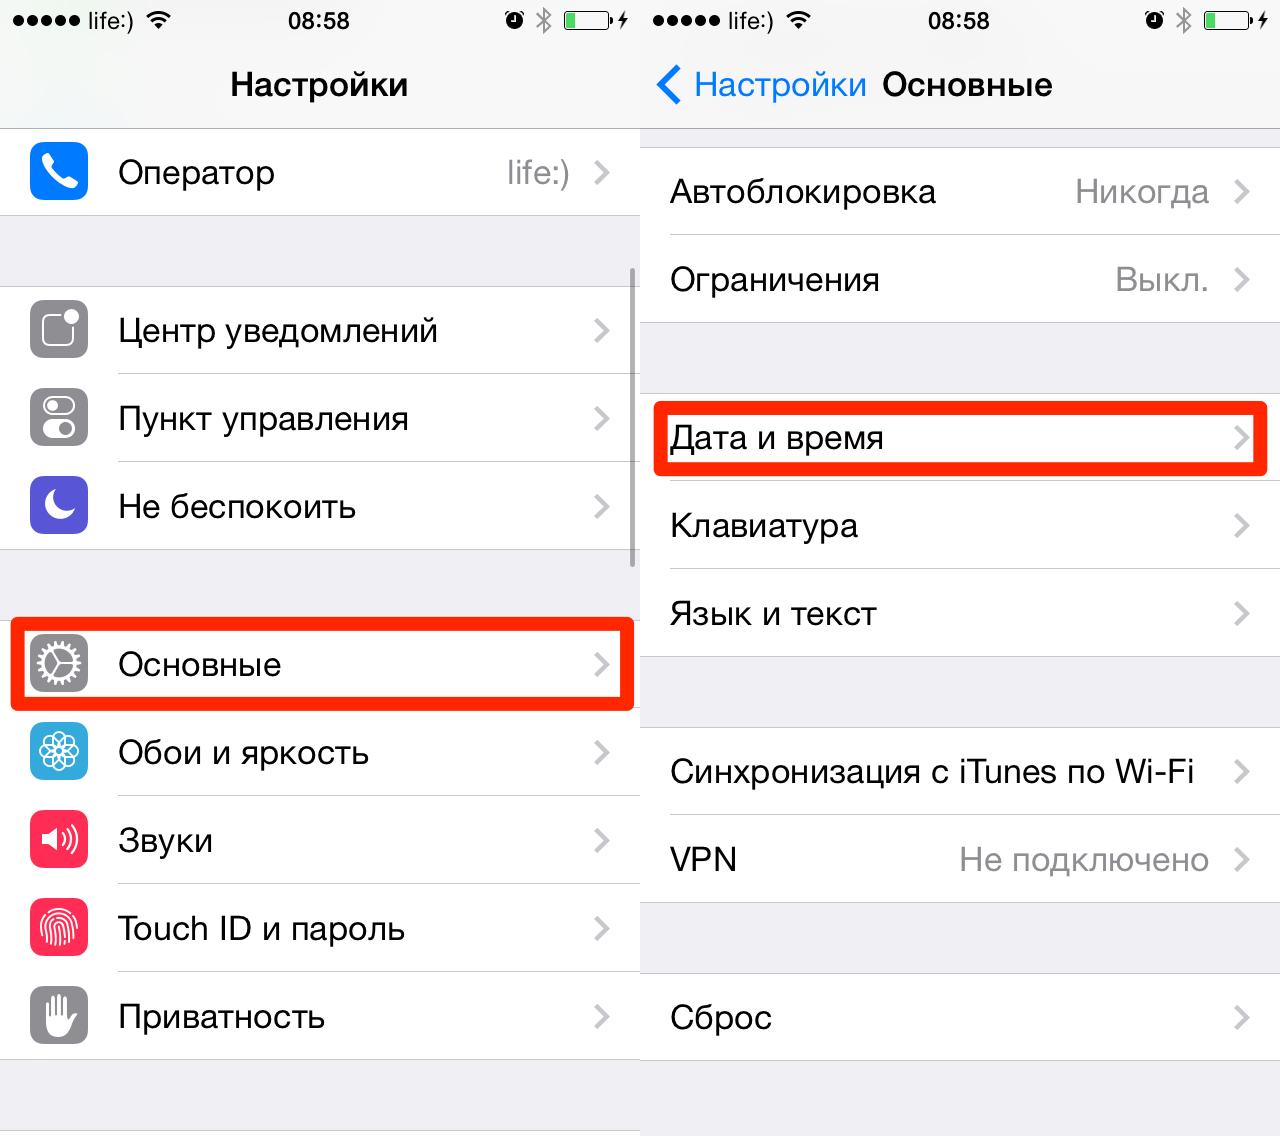 iPhone-Настройки-Основные-Дата и время